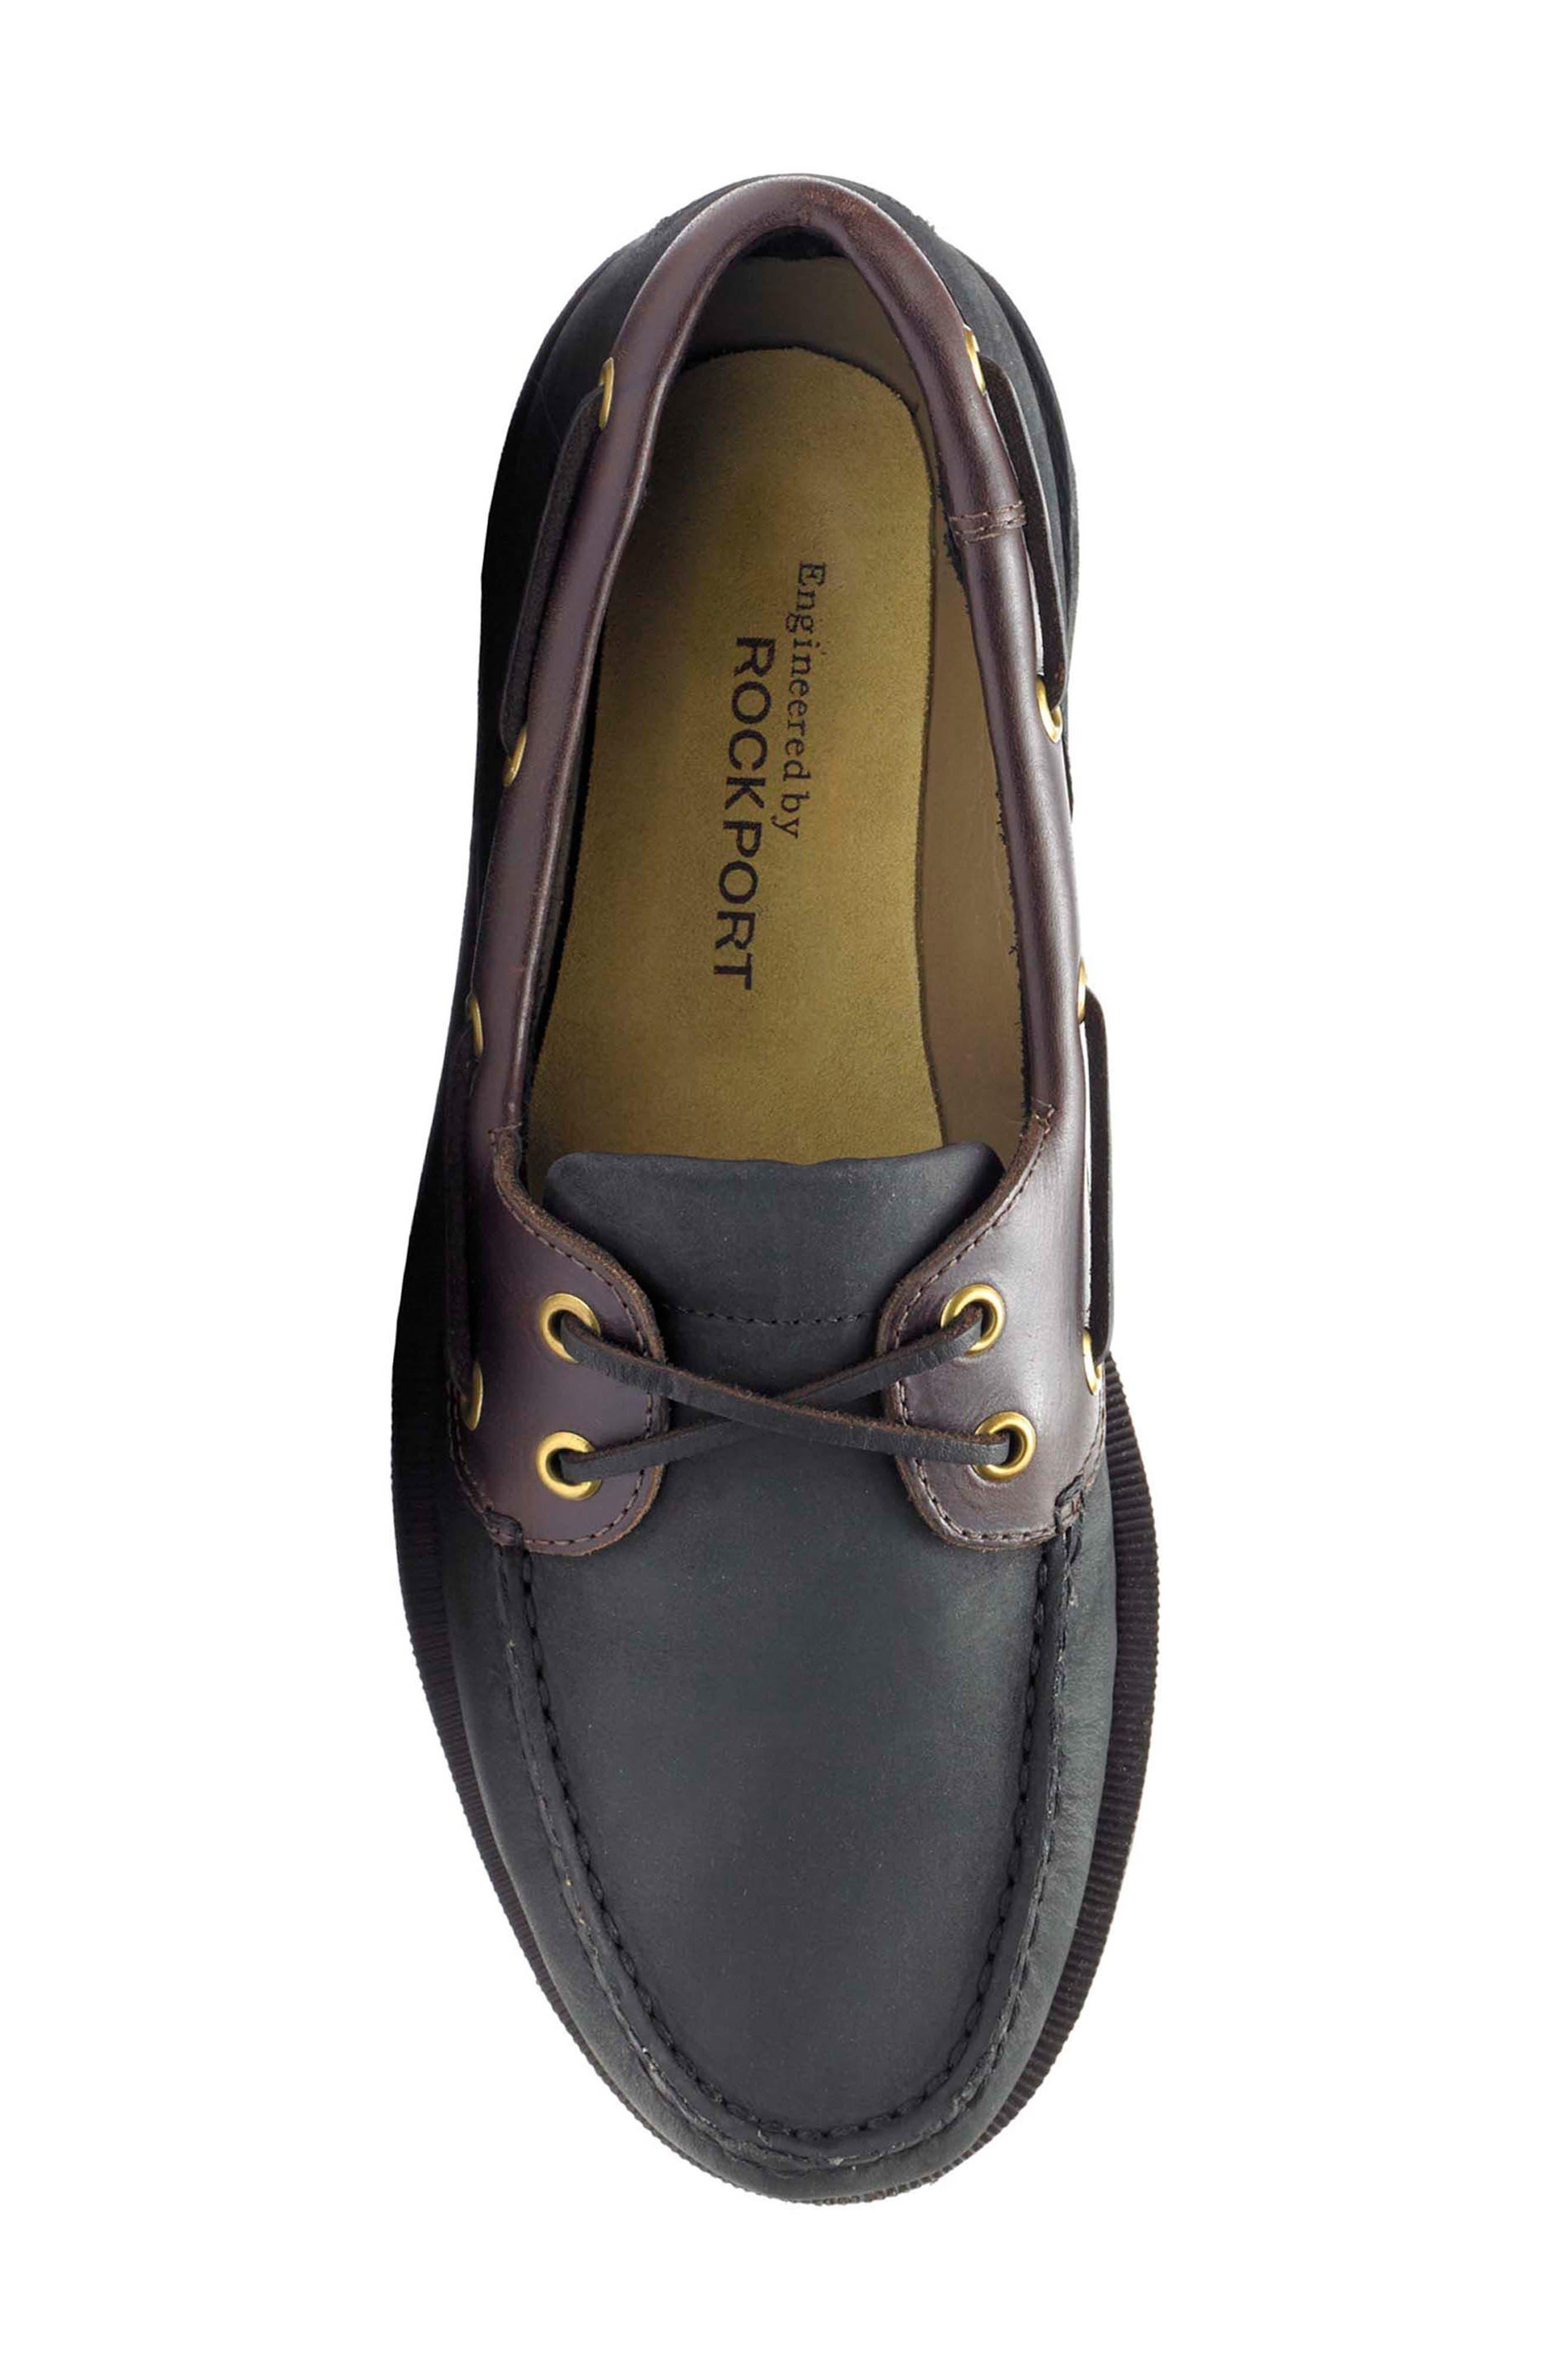 'Perth' Boat Shoe,                             Alternate thumbnail 5, color,                             Black/ Bark Leather